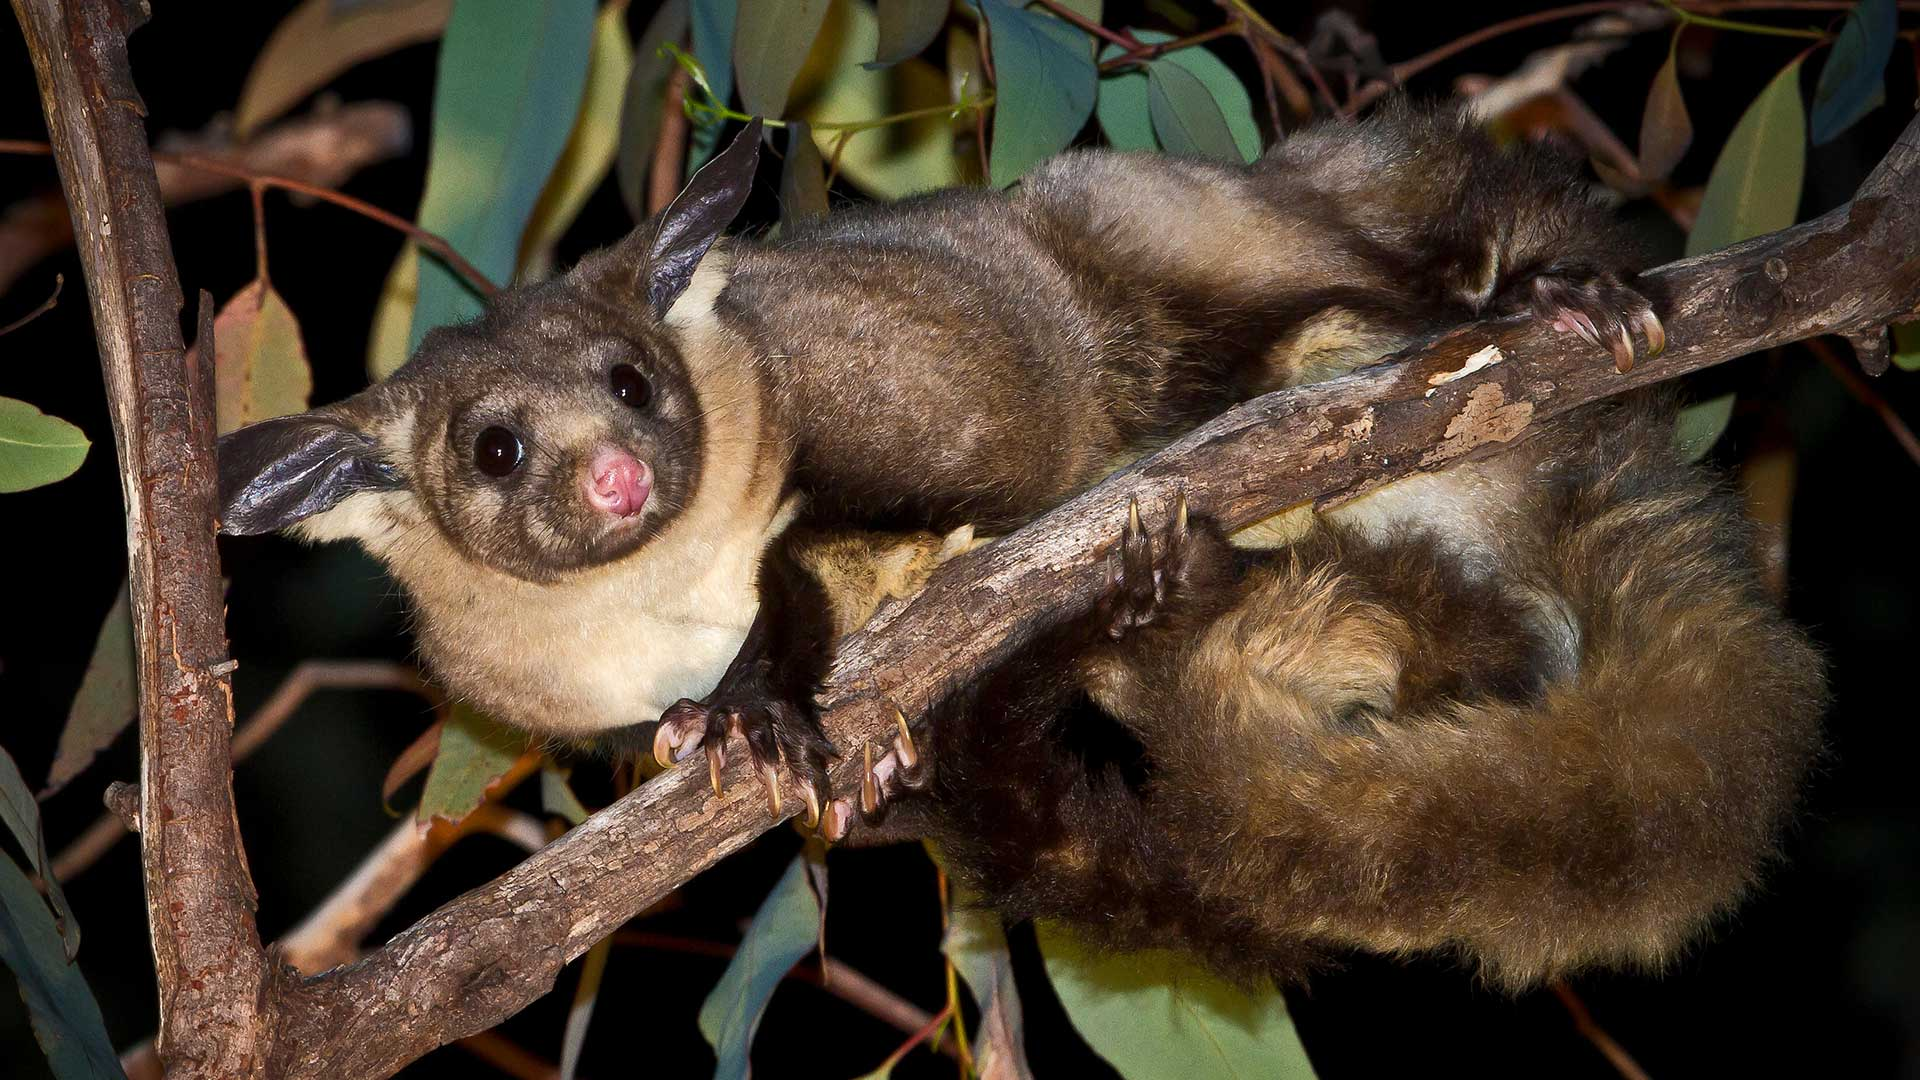 Feuer in Australien: Der Große Gleithörnchenbeutler benötigt zum Leben hohe Bäume. © Avalon / Photoshot License / Alamy